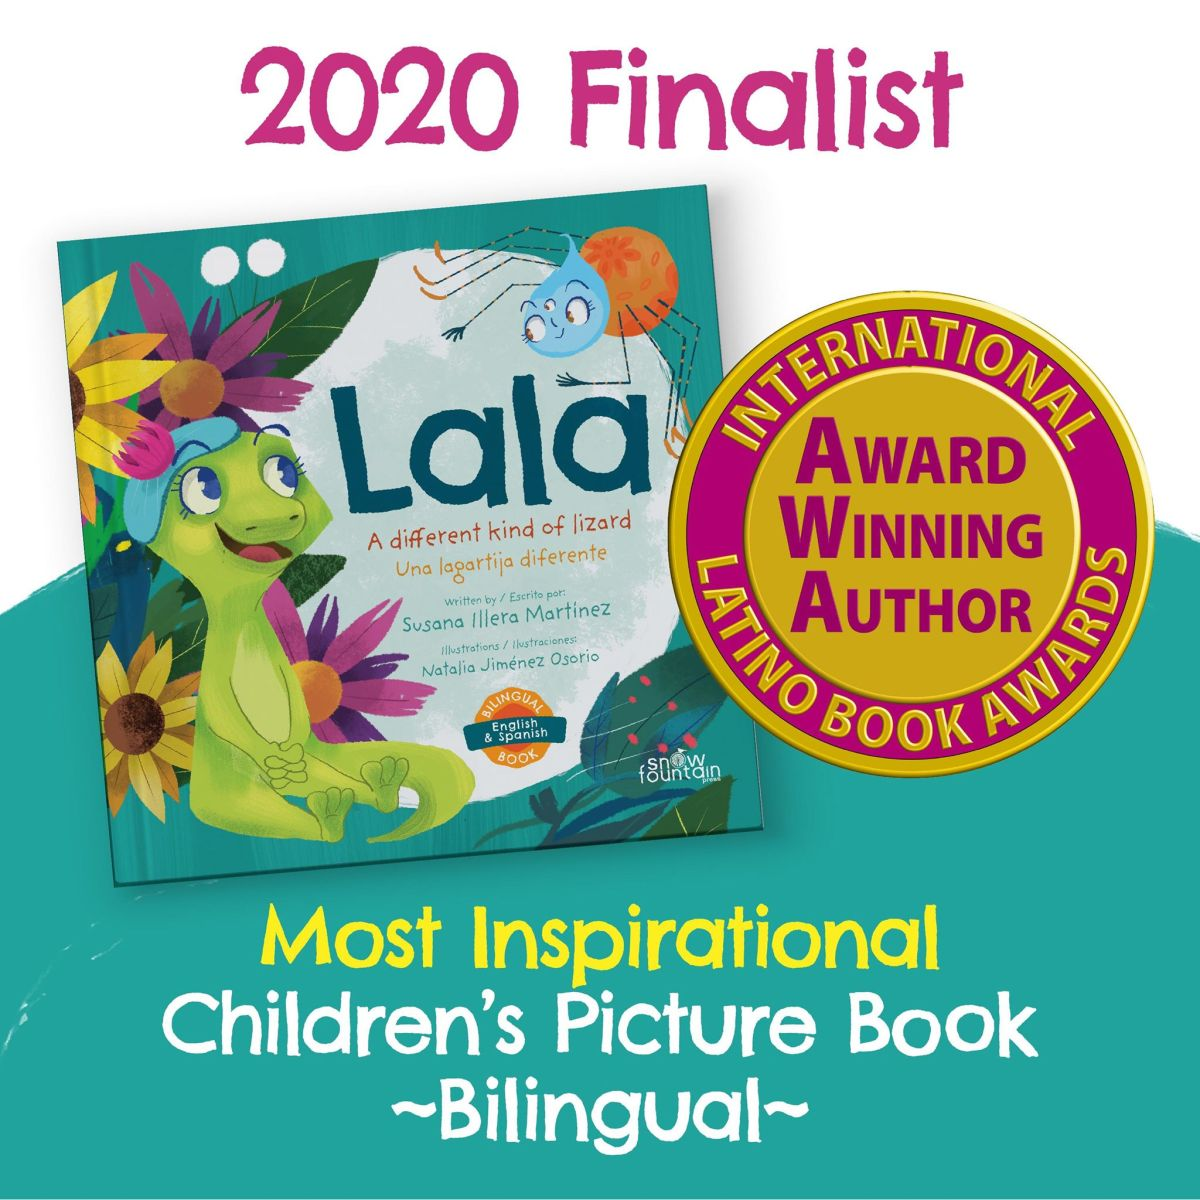 Lala - A different kind of lizard: Una lagartija diferente (Bilingual)